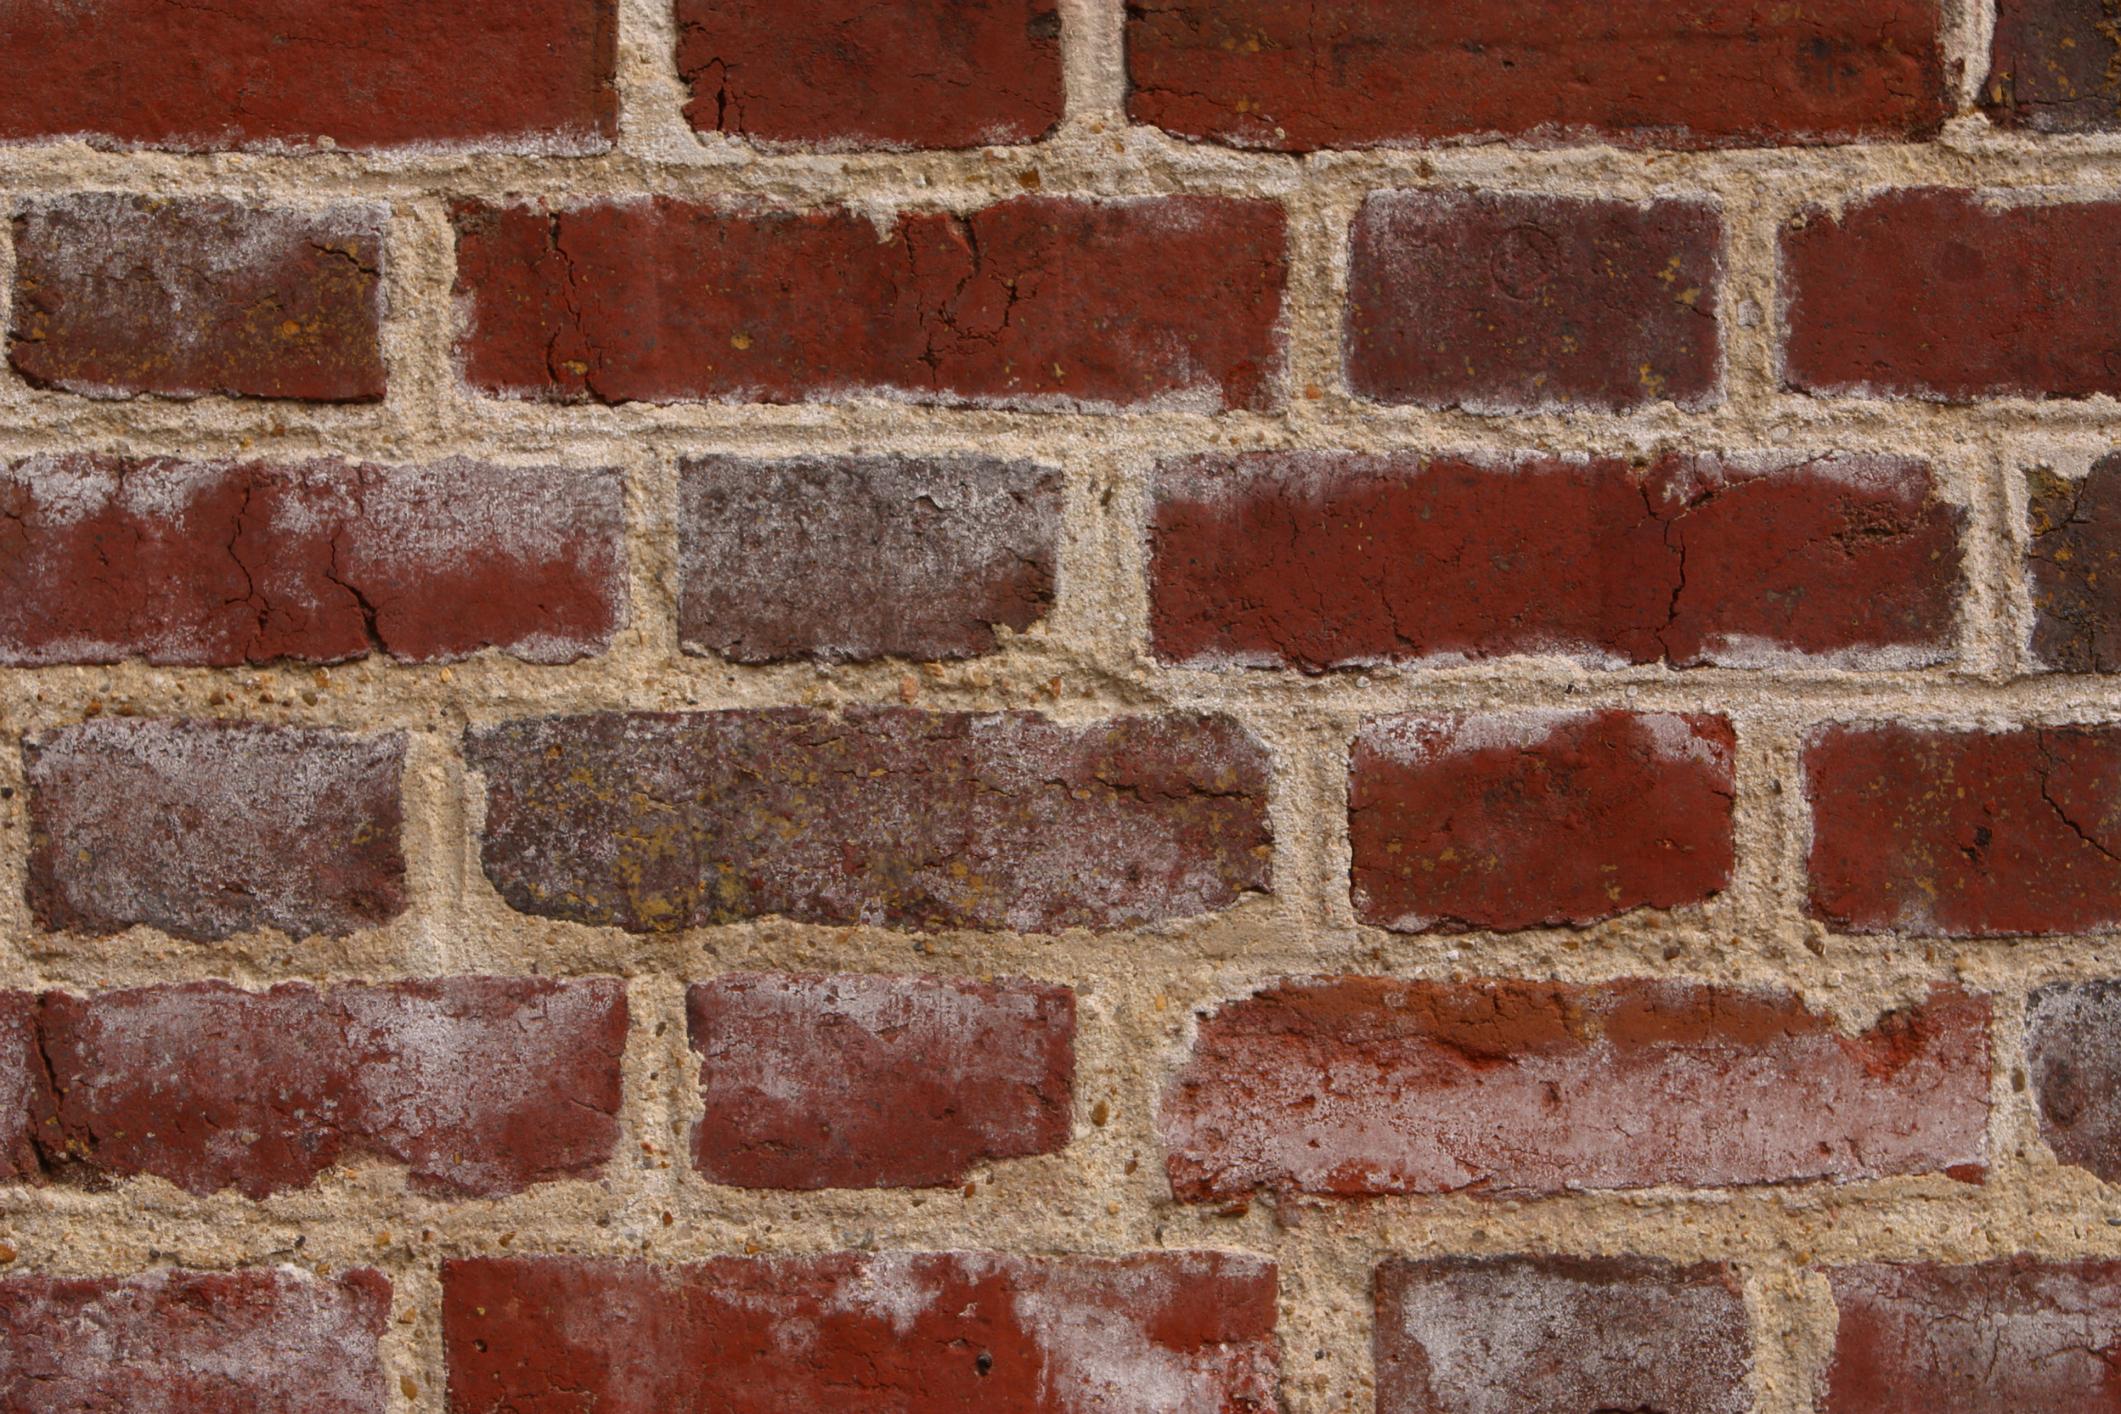 pintar paredes interiores de ladrillos | ehow en español